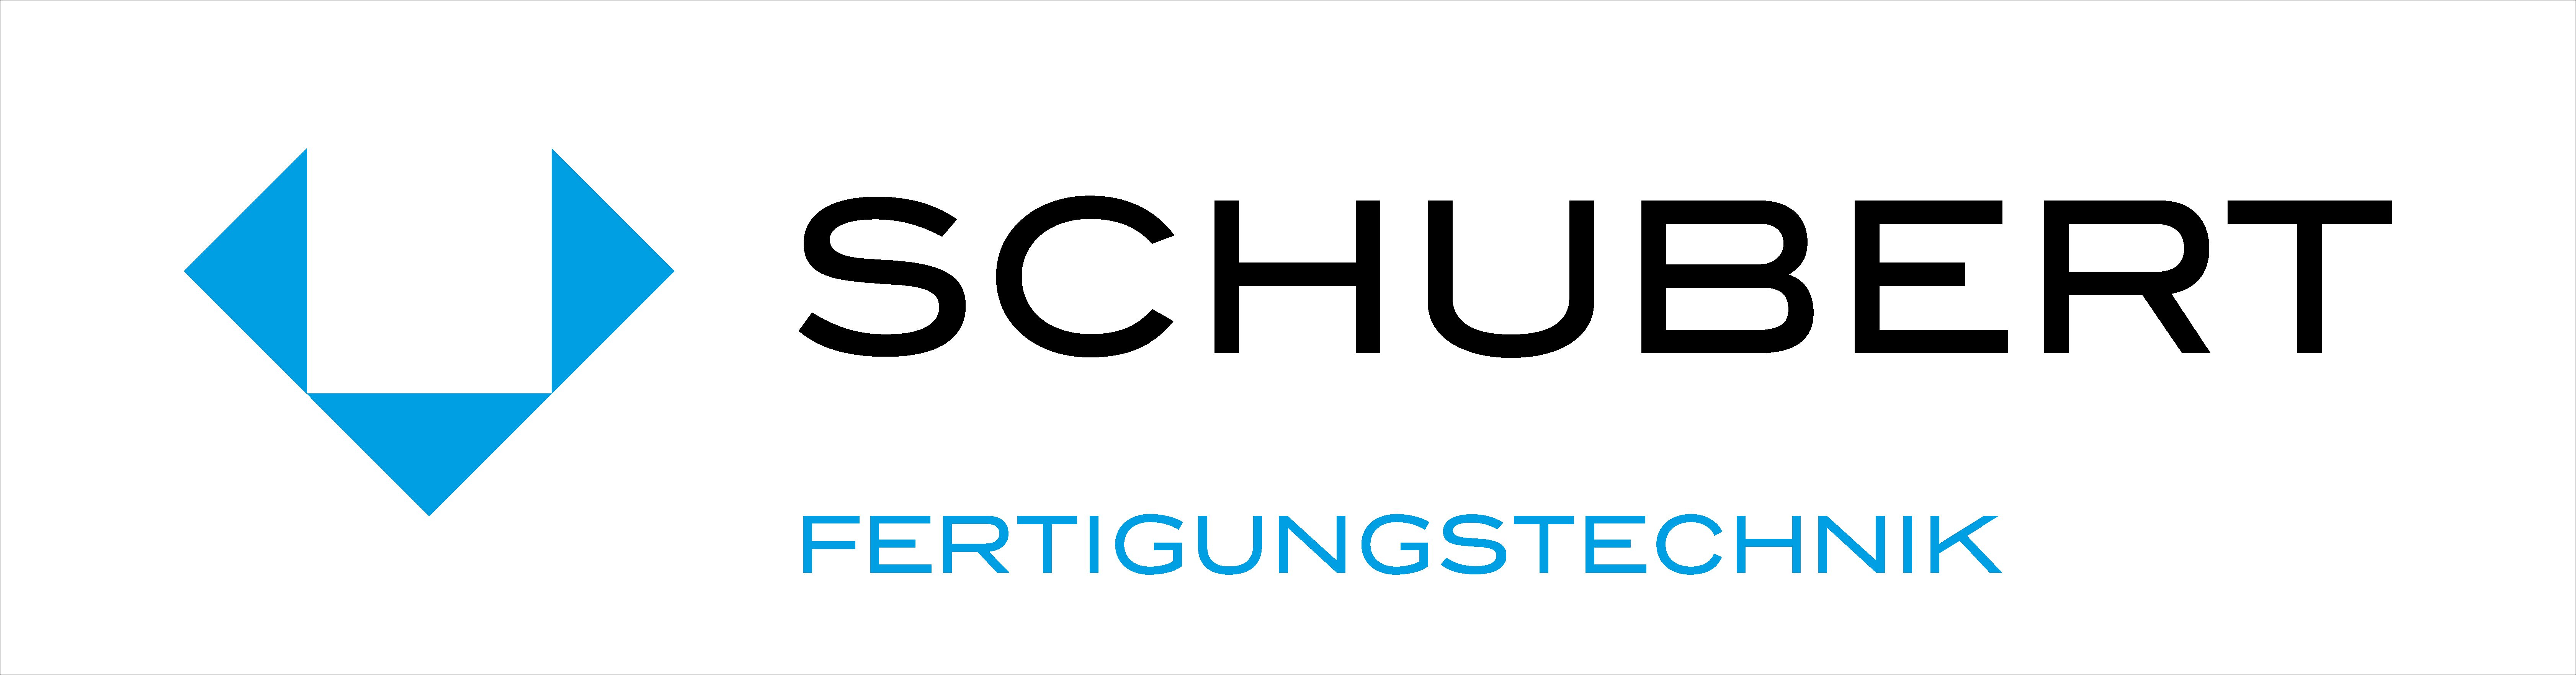 Schubert Fertigungstechnik GmbH